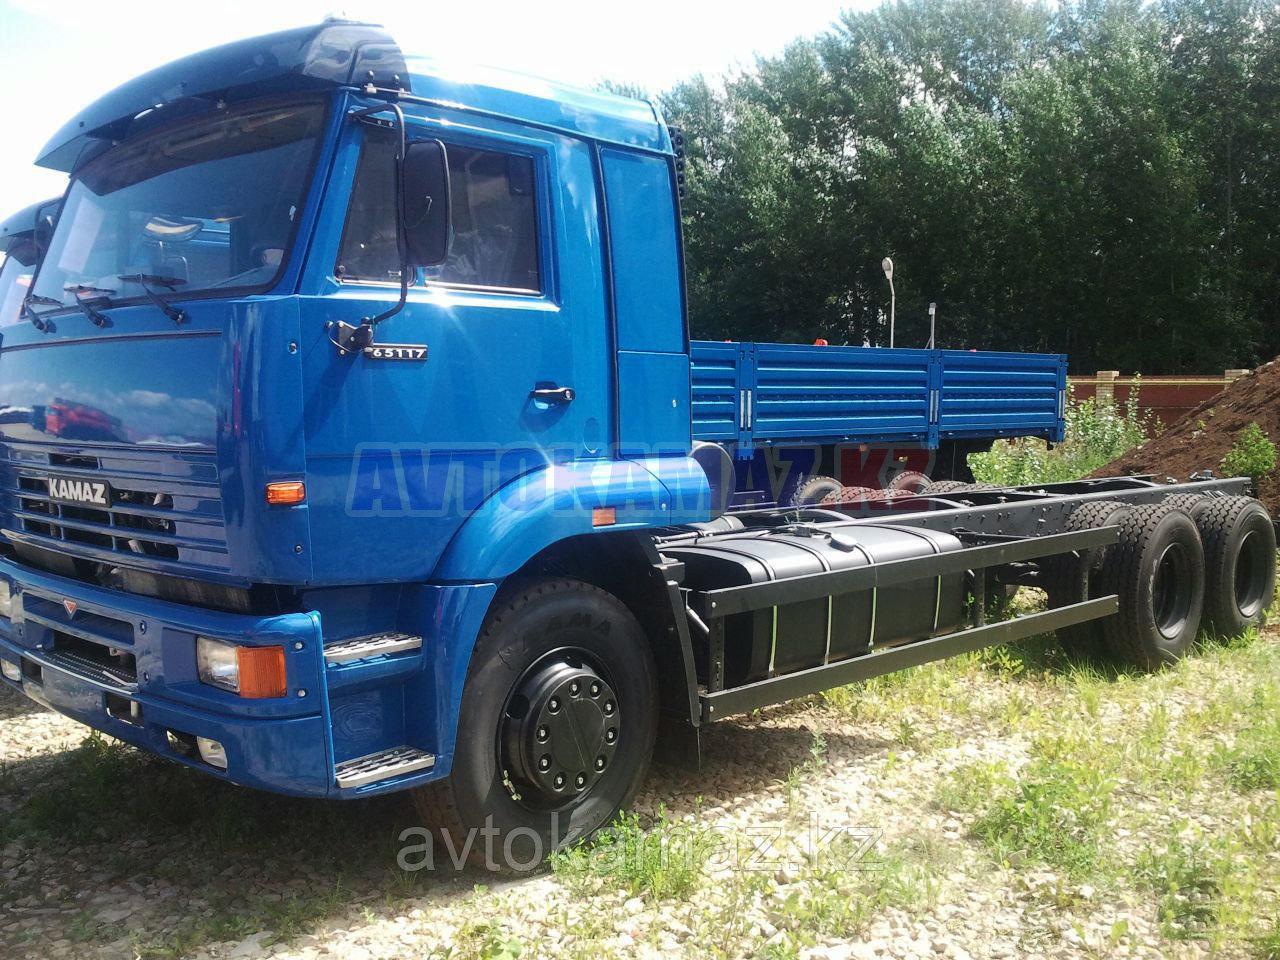 Шасси КамАЗ 65117-3010-23 (2014 г.)